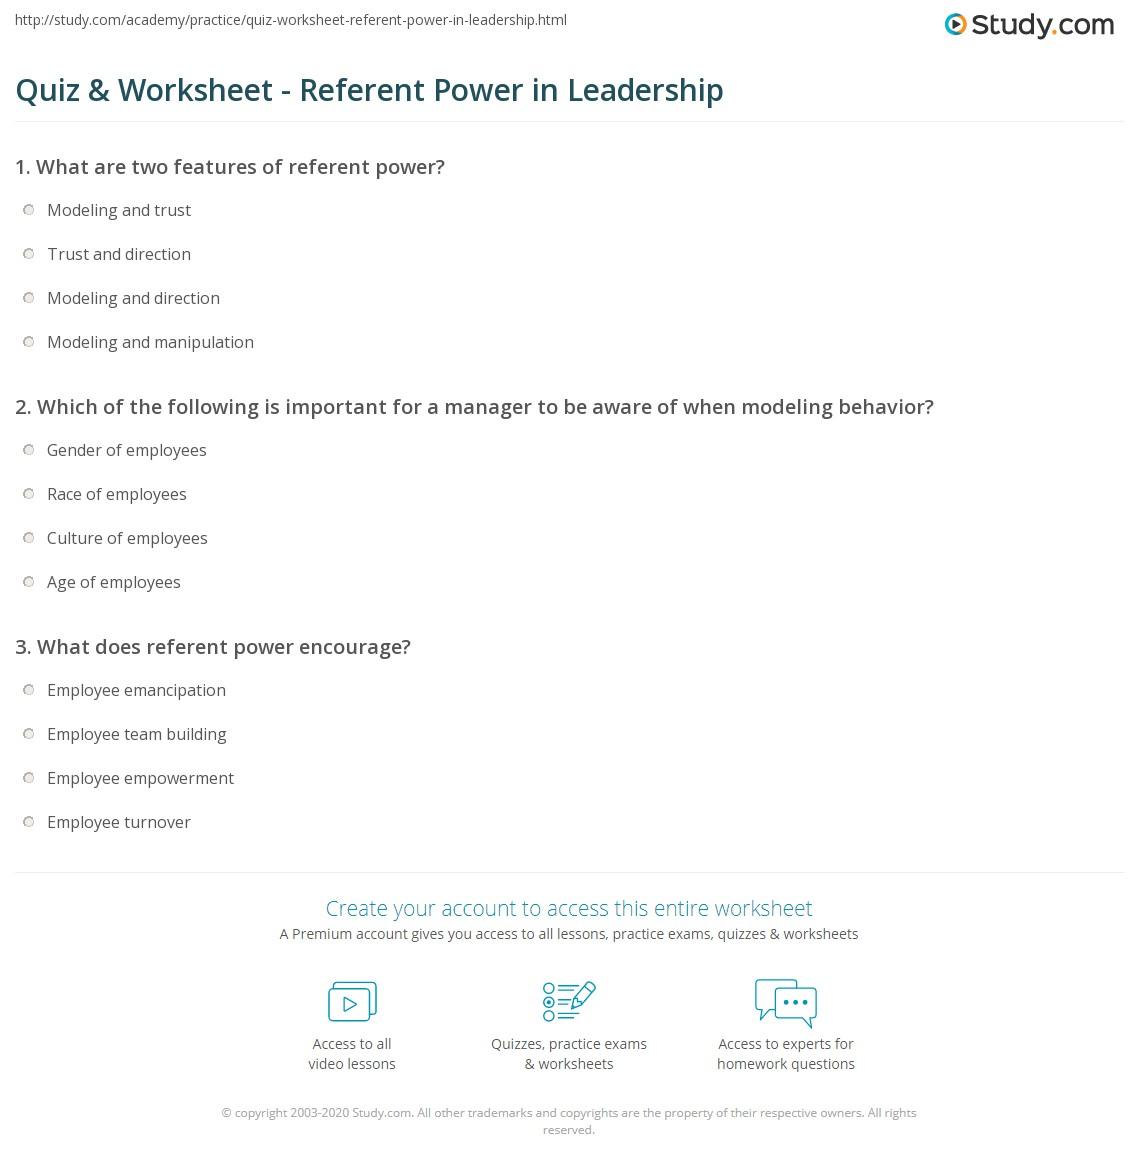 quiz worksheet referent power in leadership com print referent power in leadership definition examples worksheet